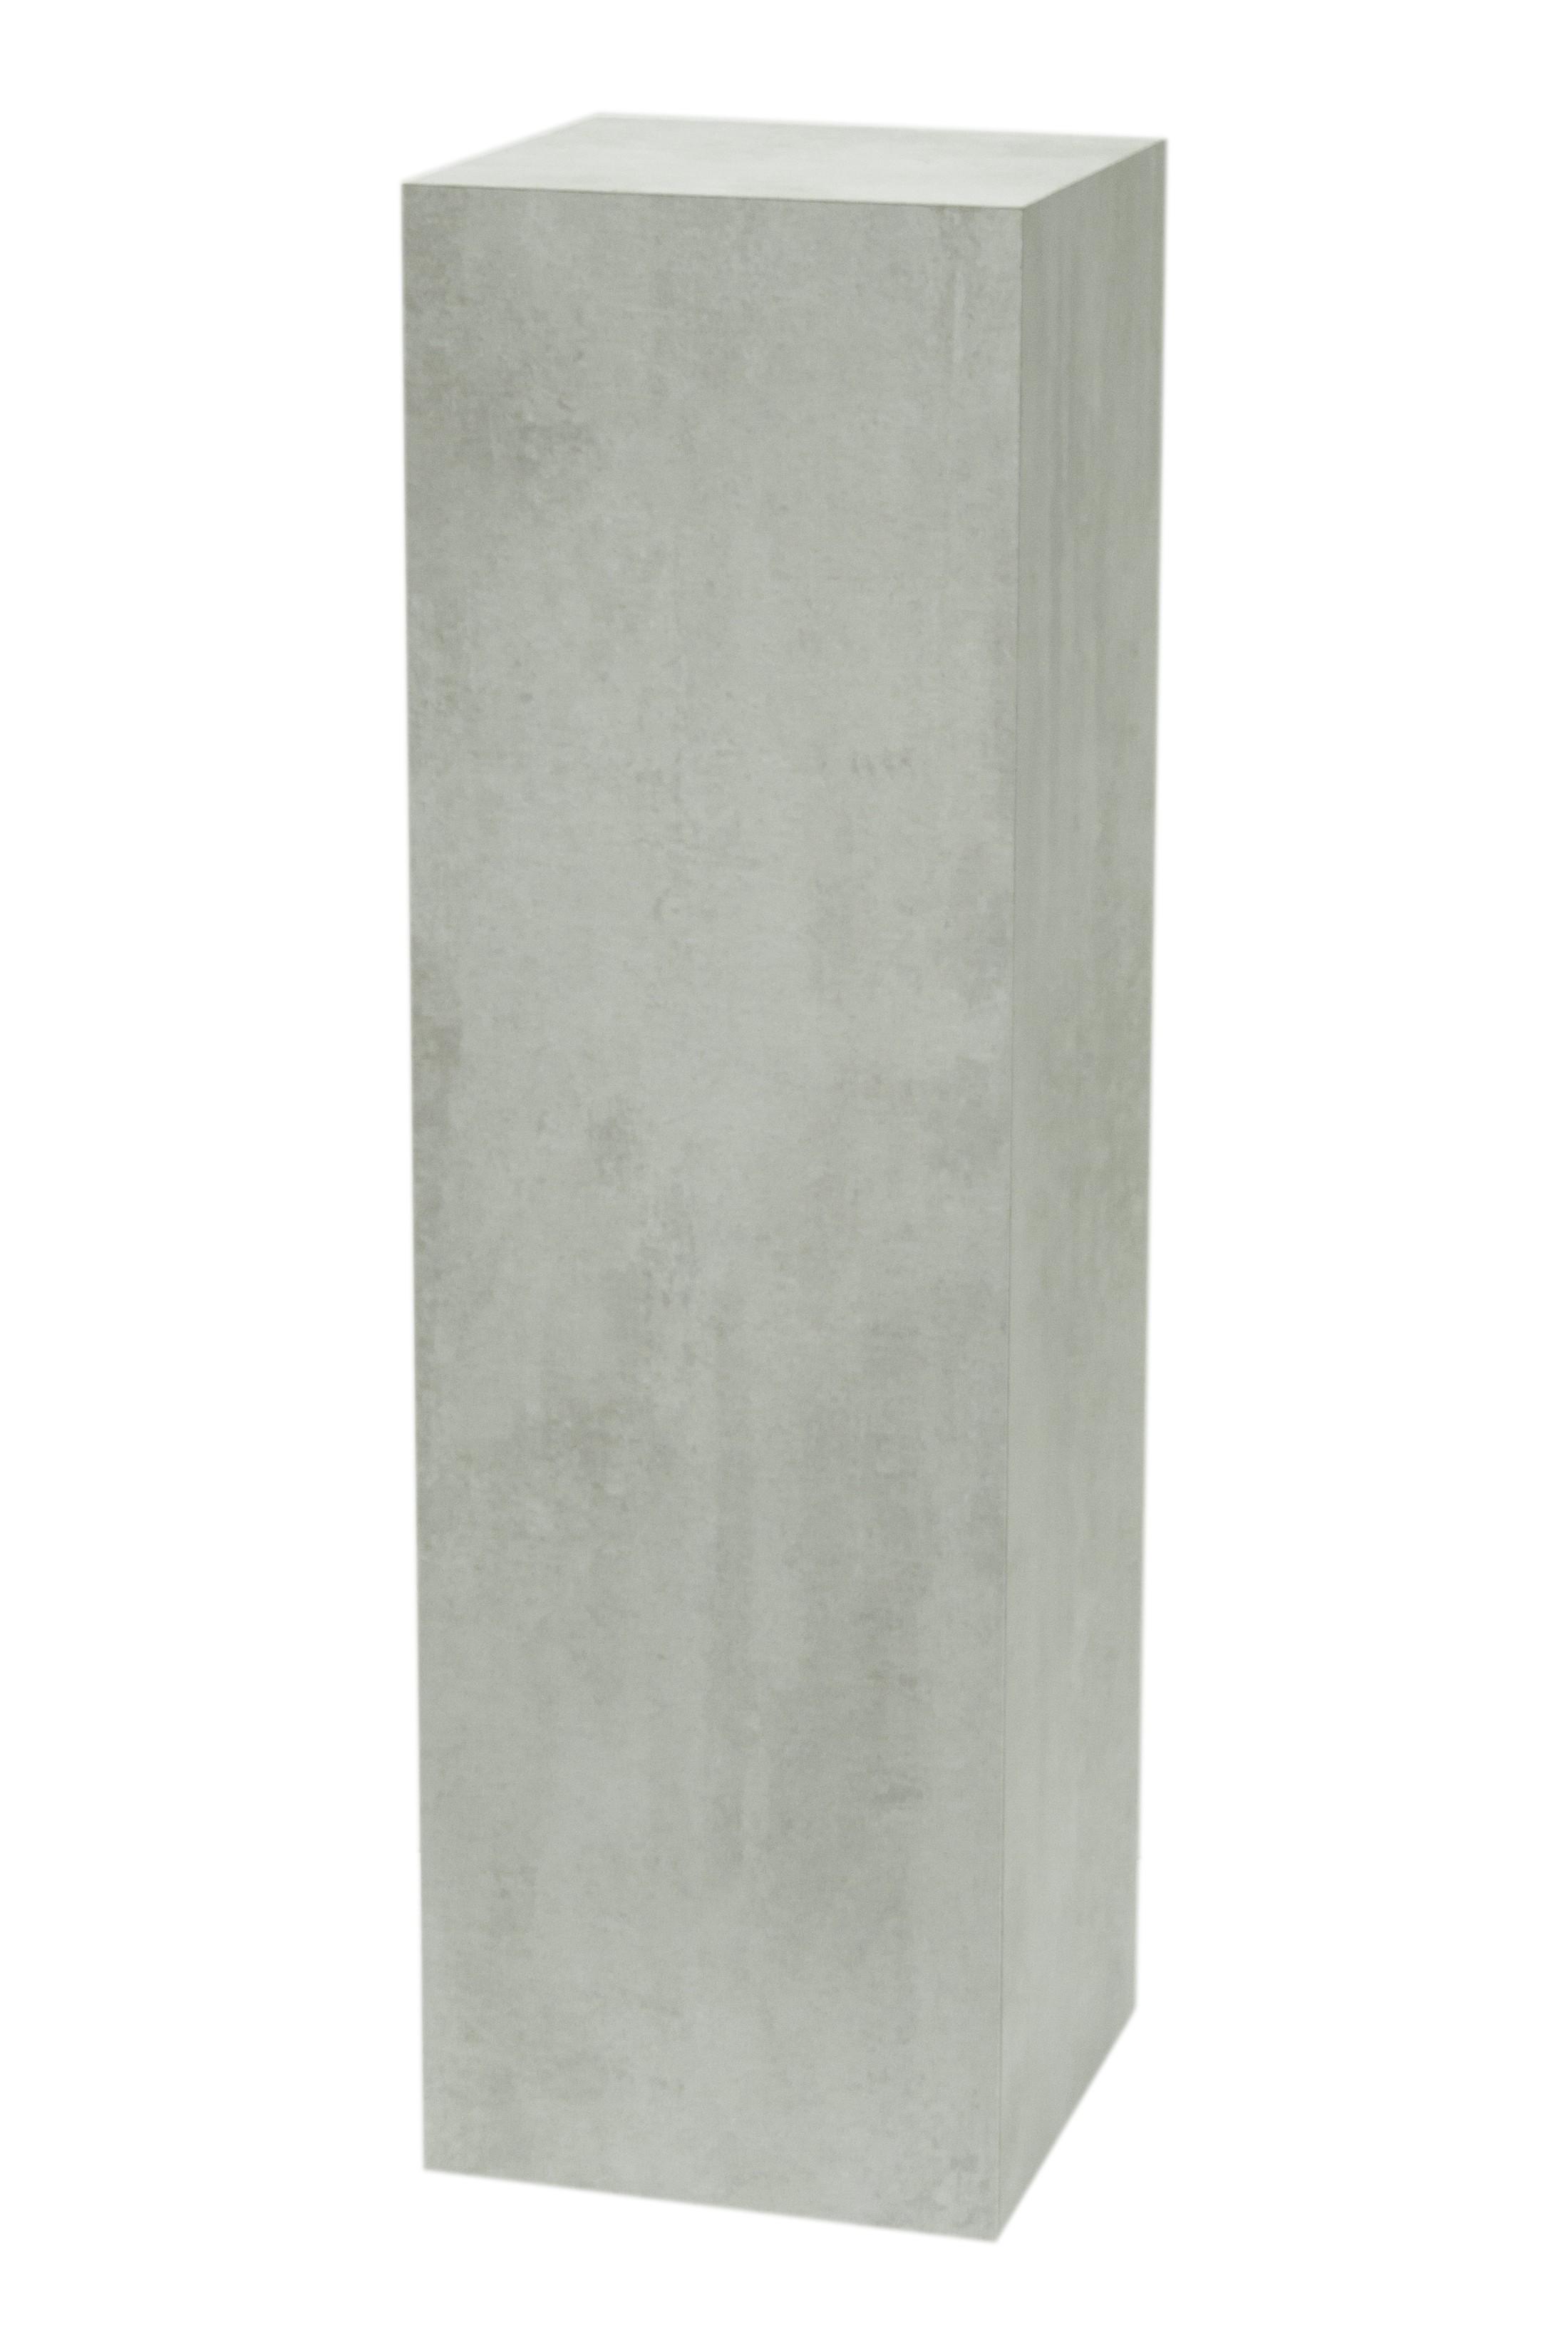 Solits sokkel betonlook